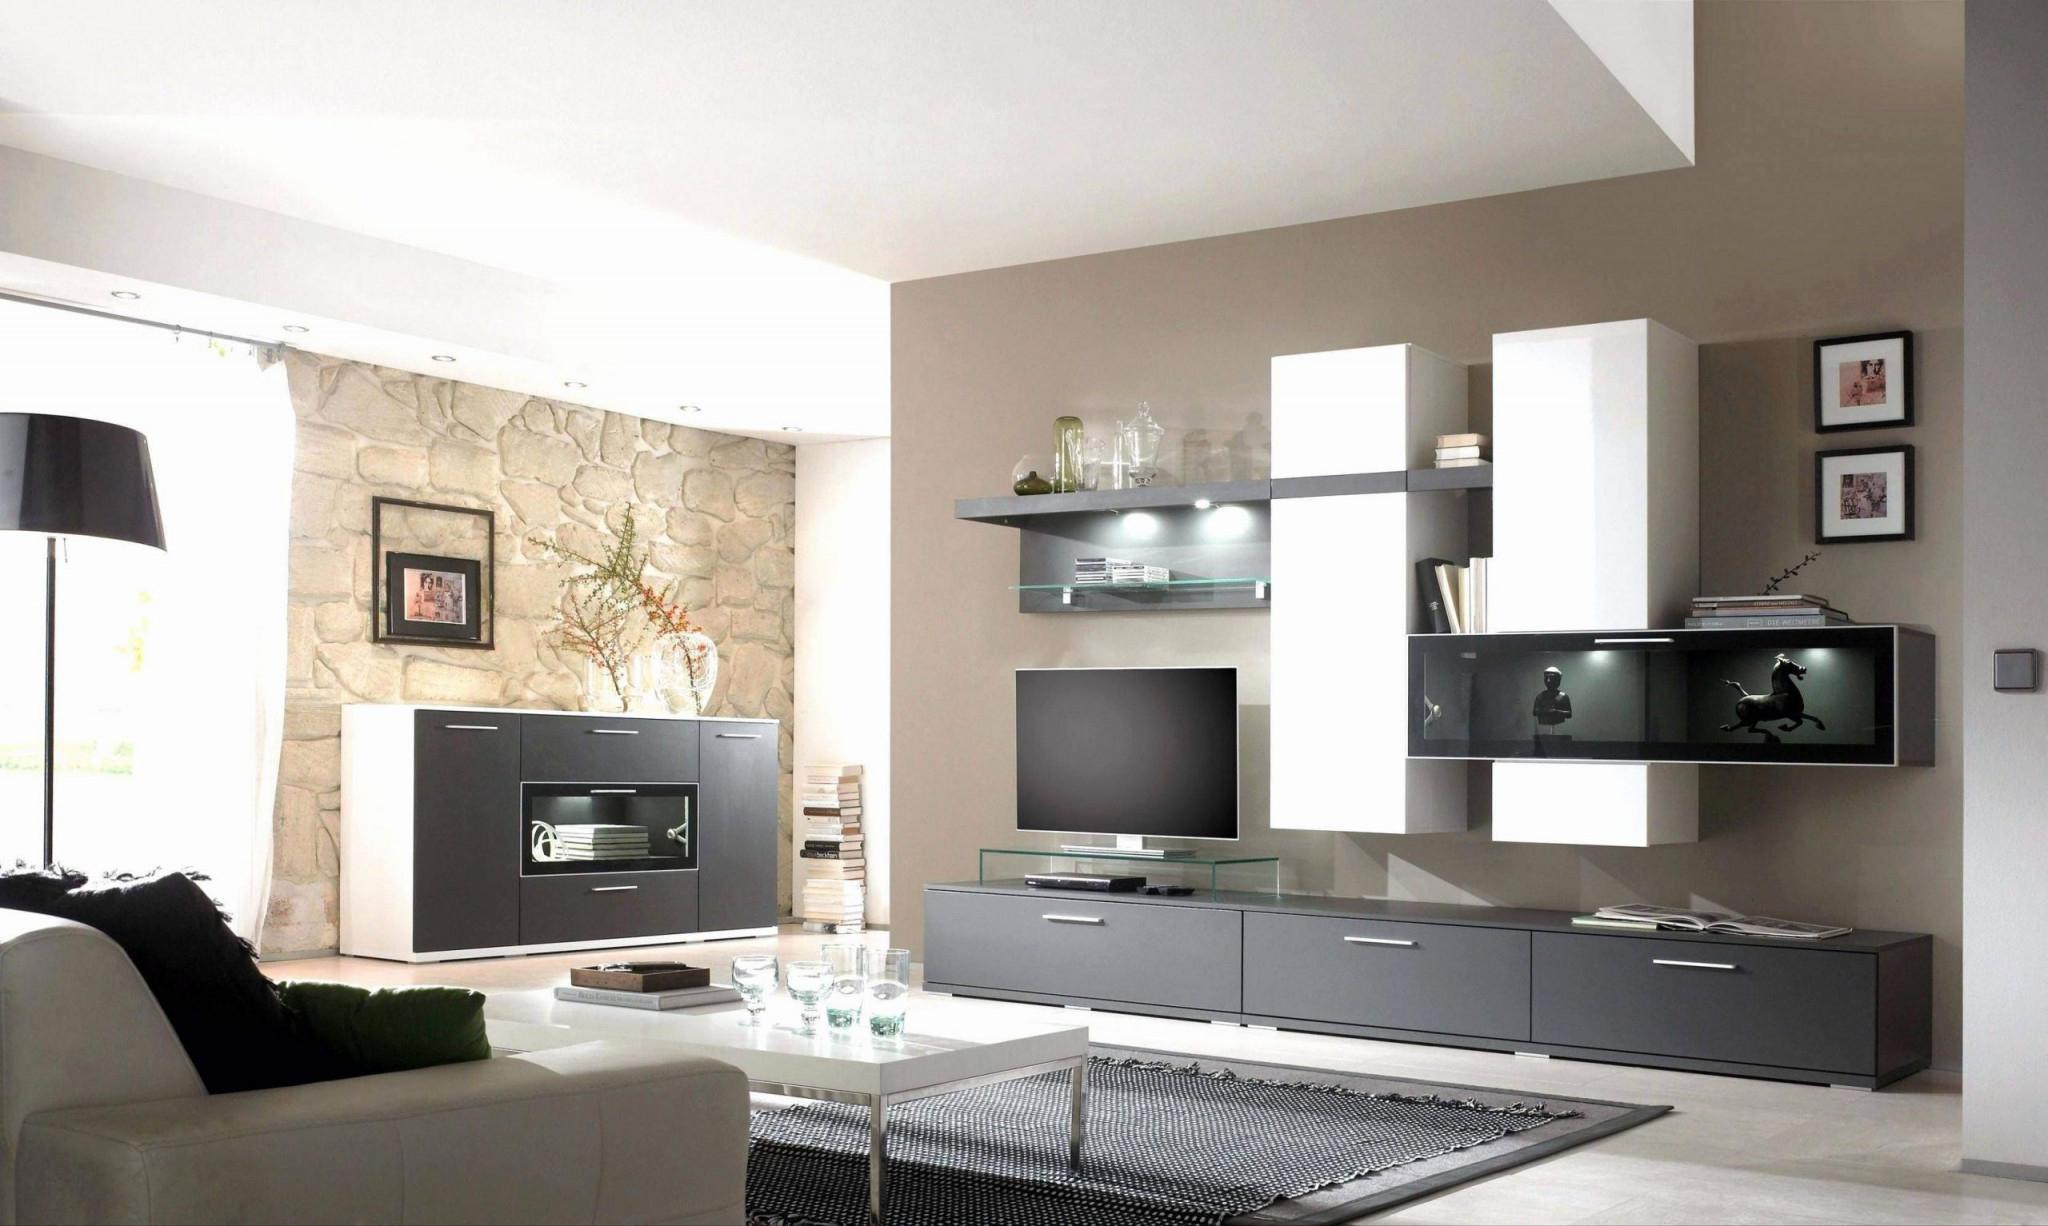 29 Inspirierend Wandfarbe Für Wohnzimmer Luxus  Wohnzimmer von Wohnzimmer Wandfarbe Ideen Bild